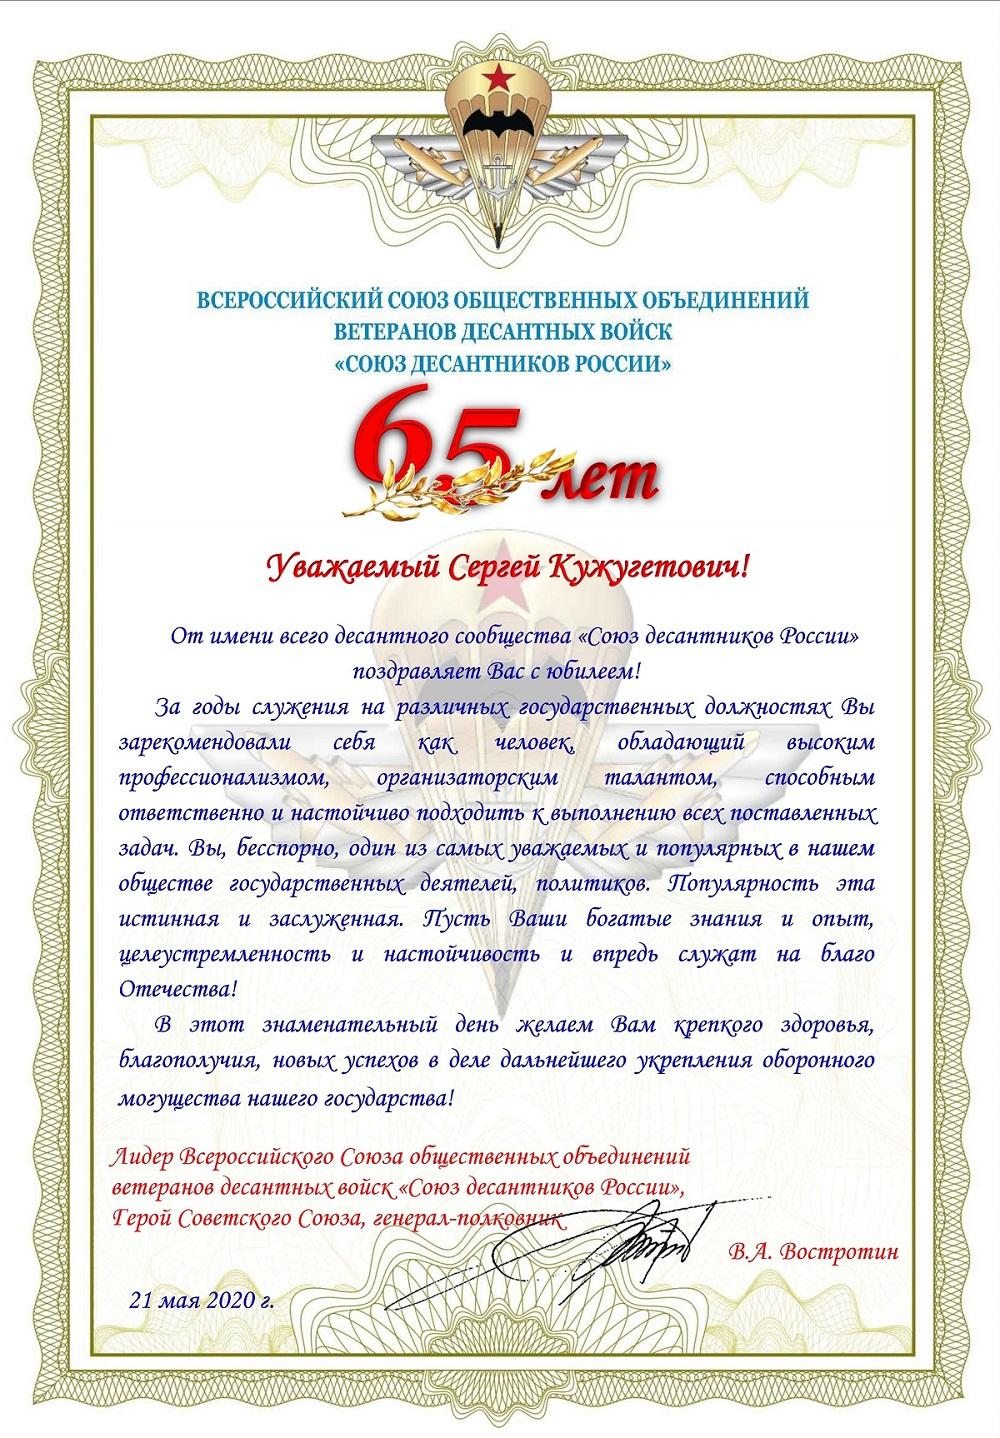 ПОЗДРАВЛЯЕМ С ЮБИЛЕЕМ МИНИСТРА ОБОРОНЫ РОССИЙСКОЙ ФЕДЕРАЦИИ ГЕНЕРАЛА АРМИИ ШОЙГУ СЕРГЕЯ КУЖУГЕТОВИЧА